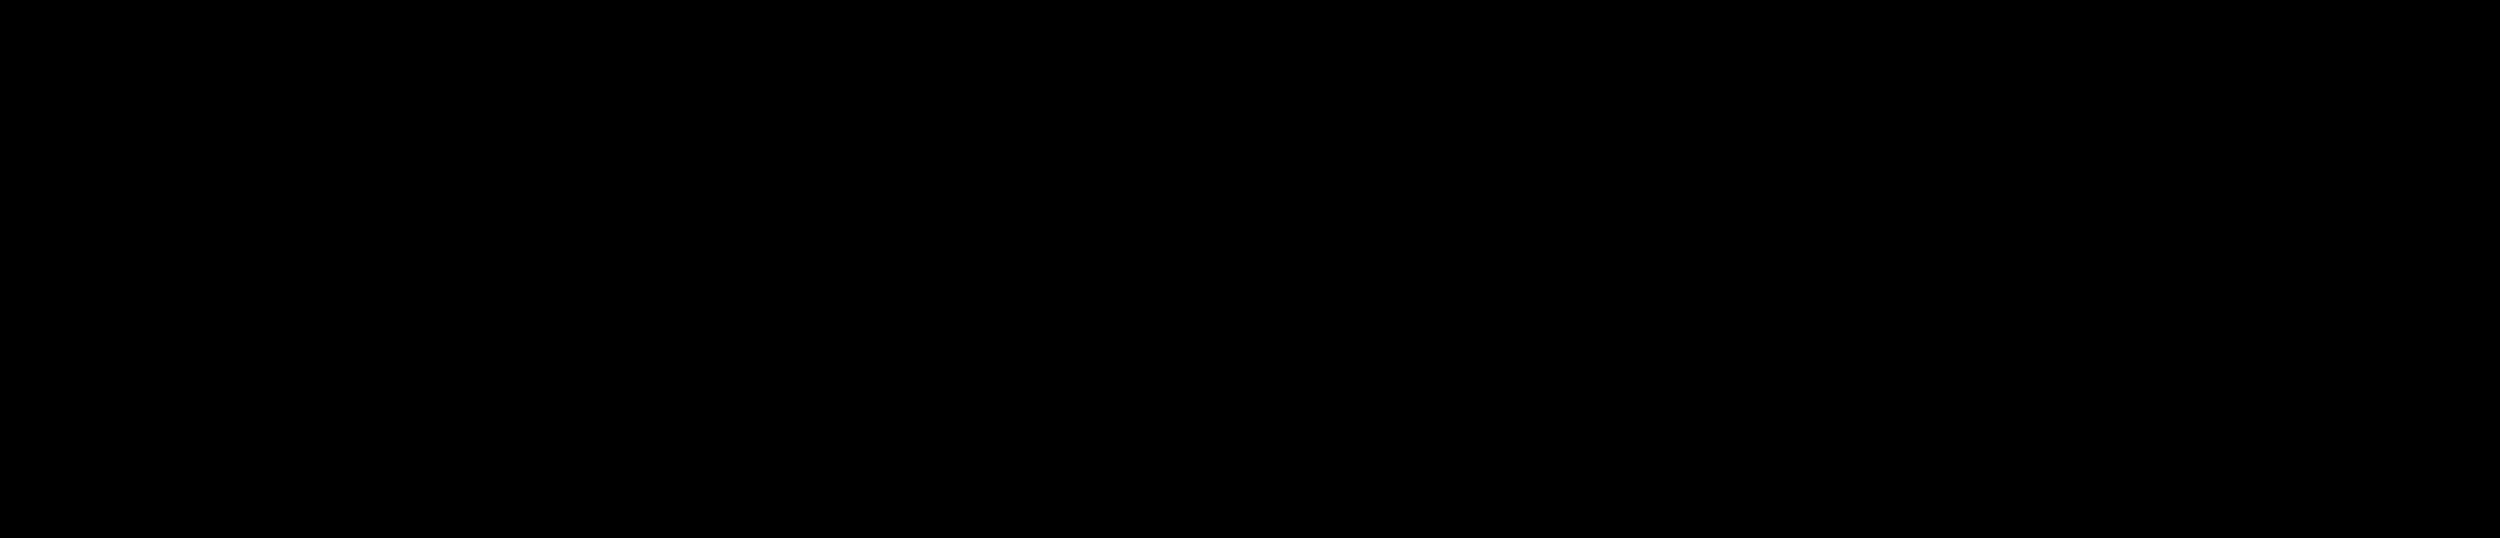 Advectas